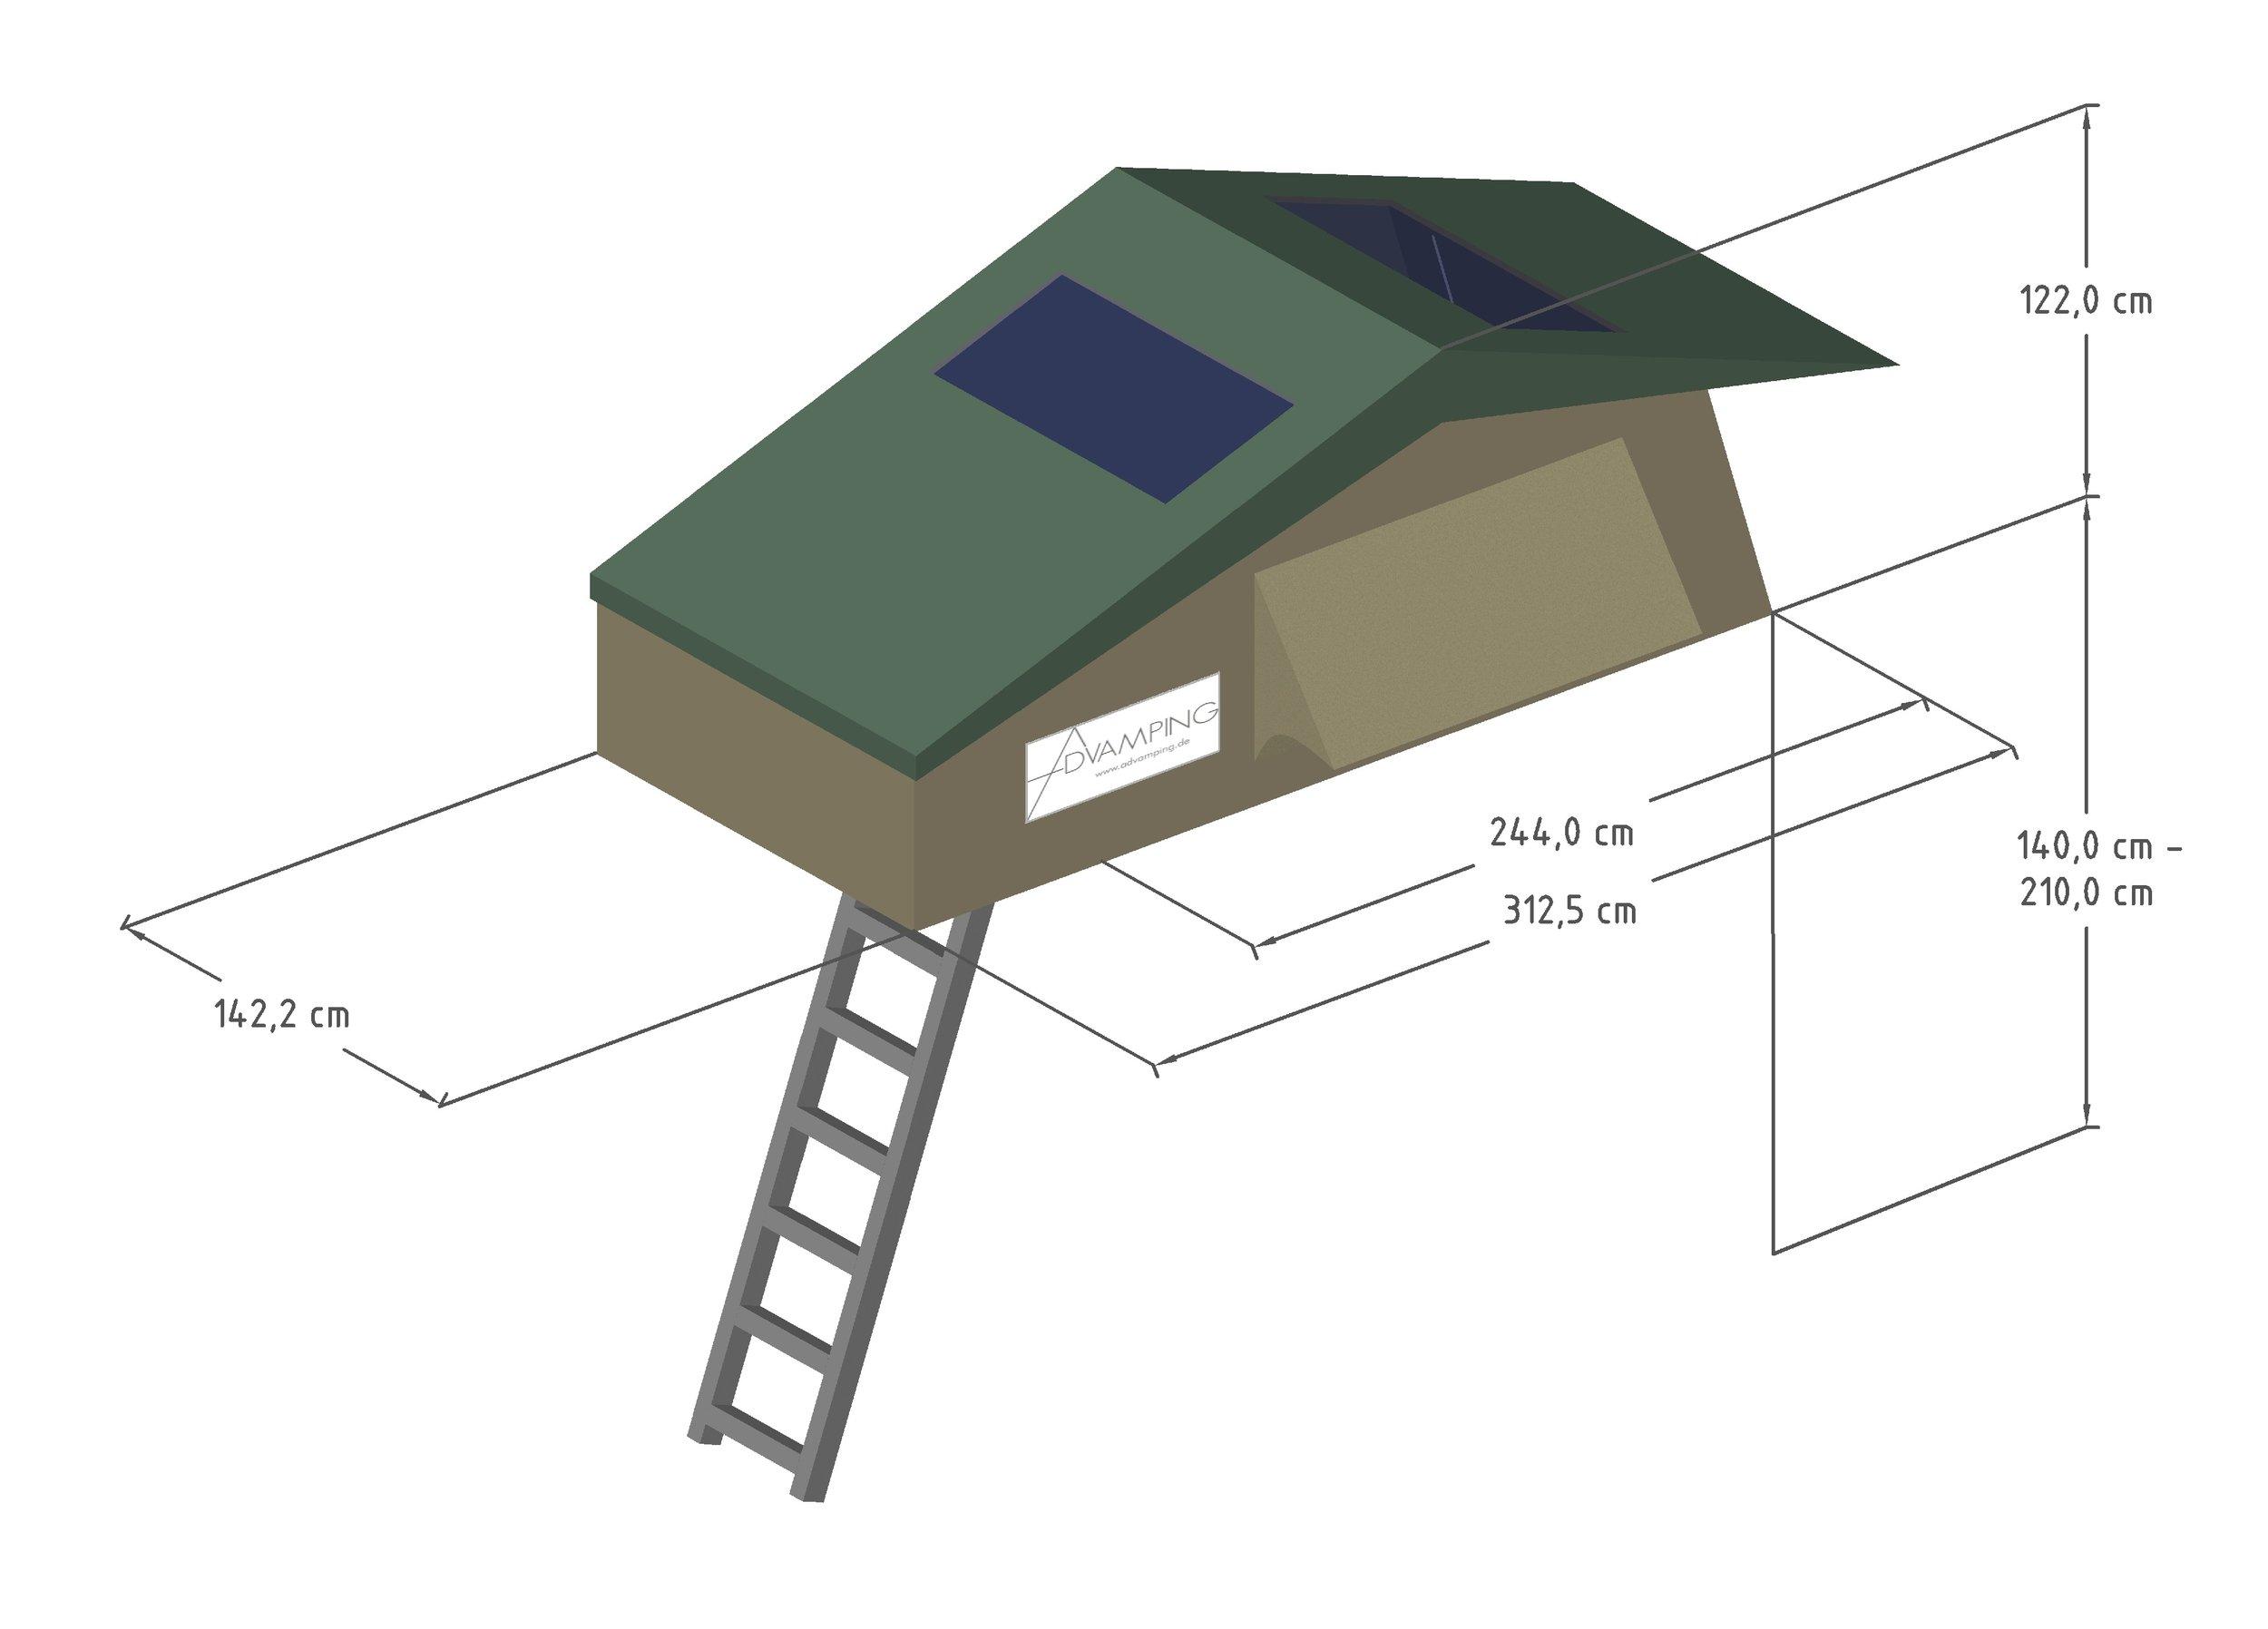 5 Tent Medium 2 sky old fly ohne Annex Beige_old Green.jpg